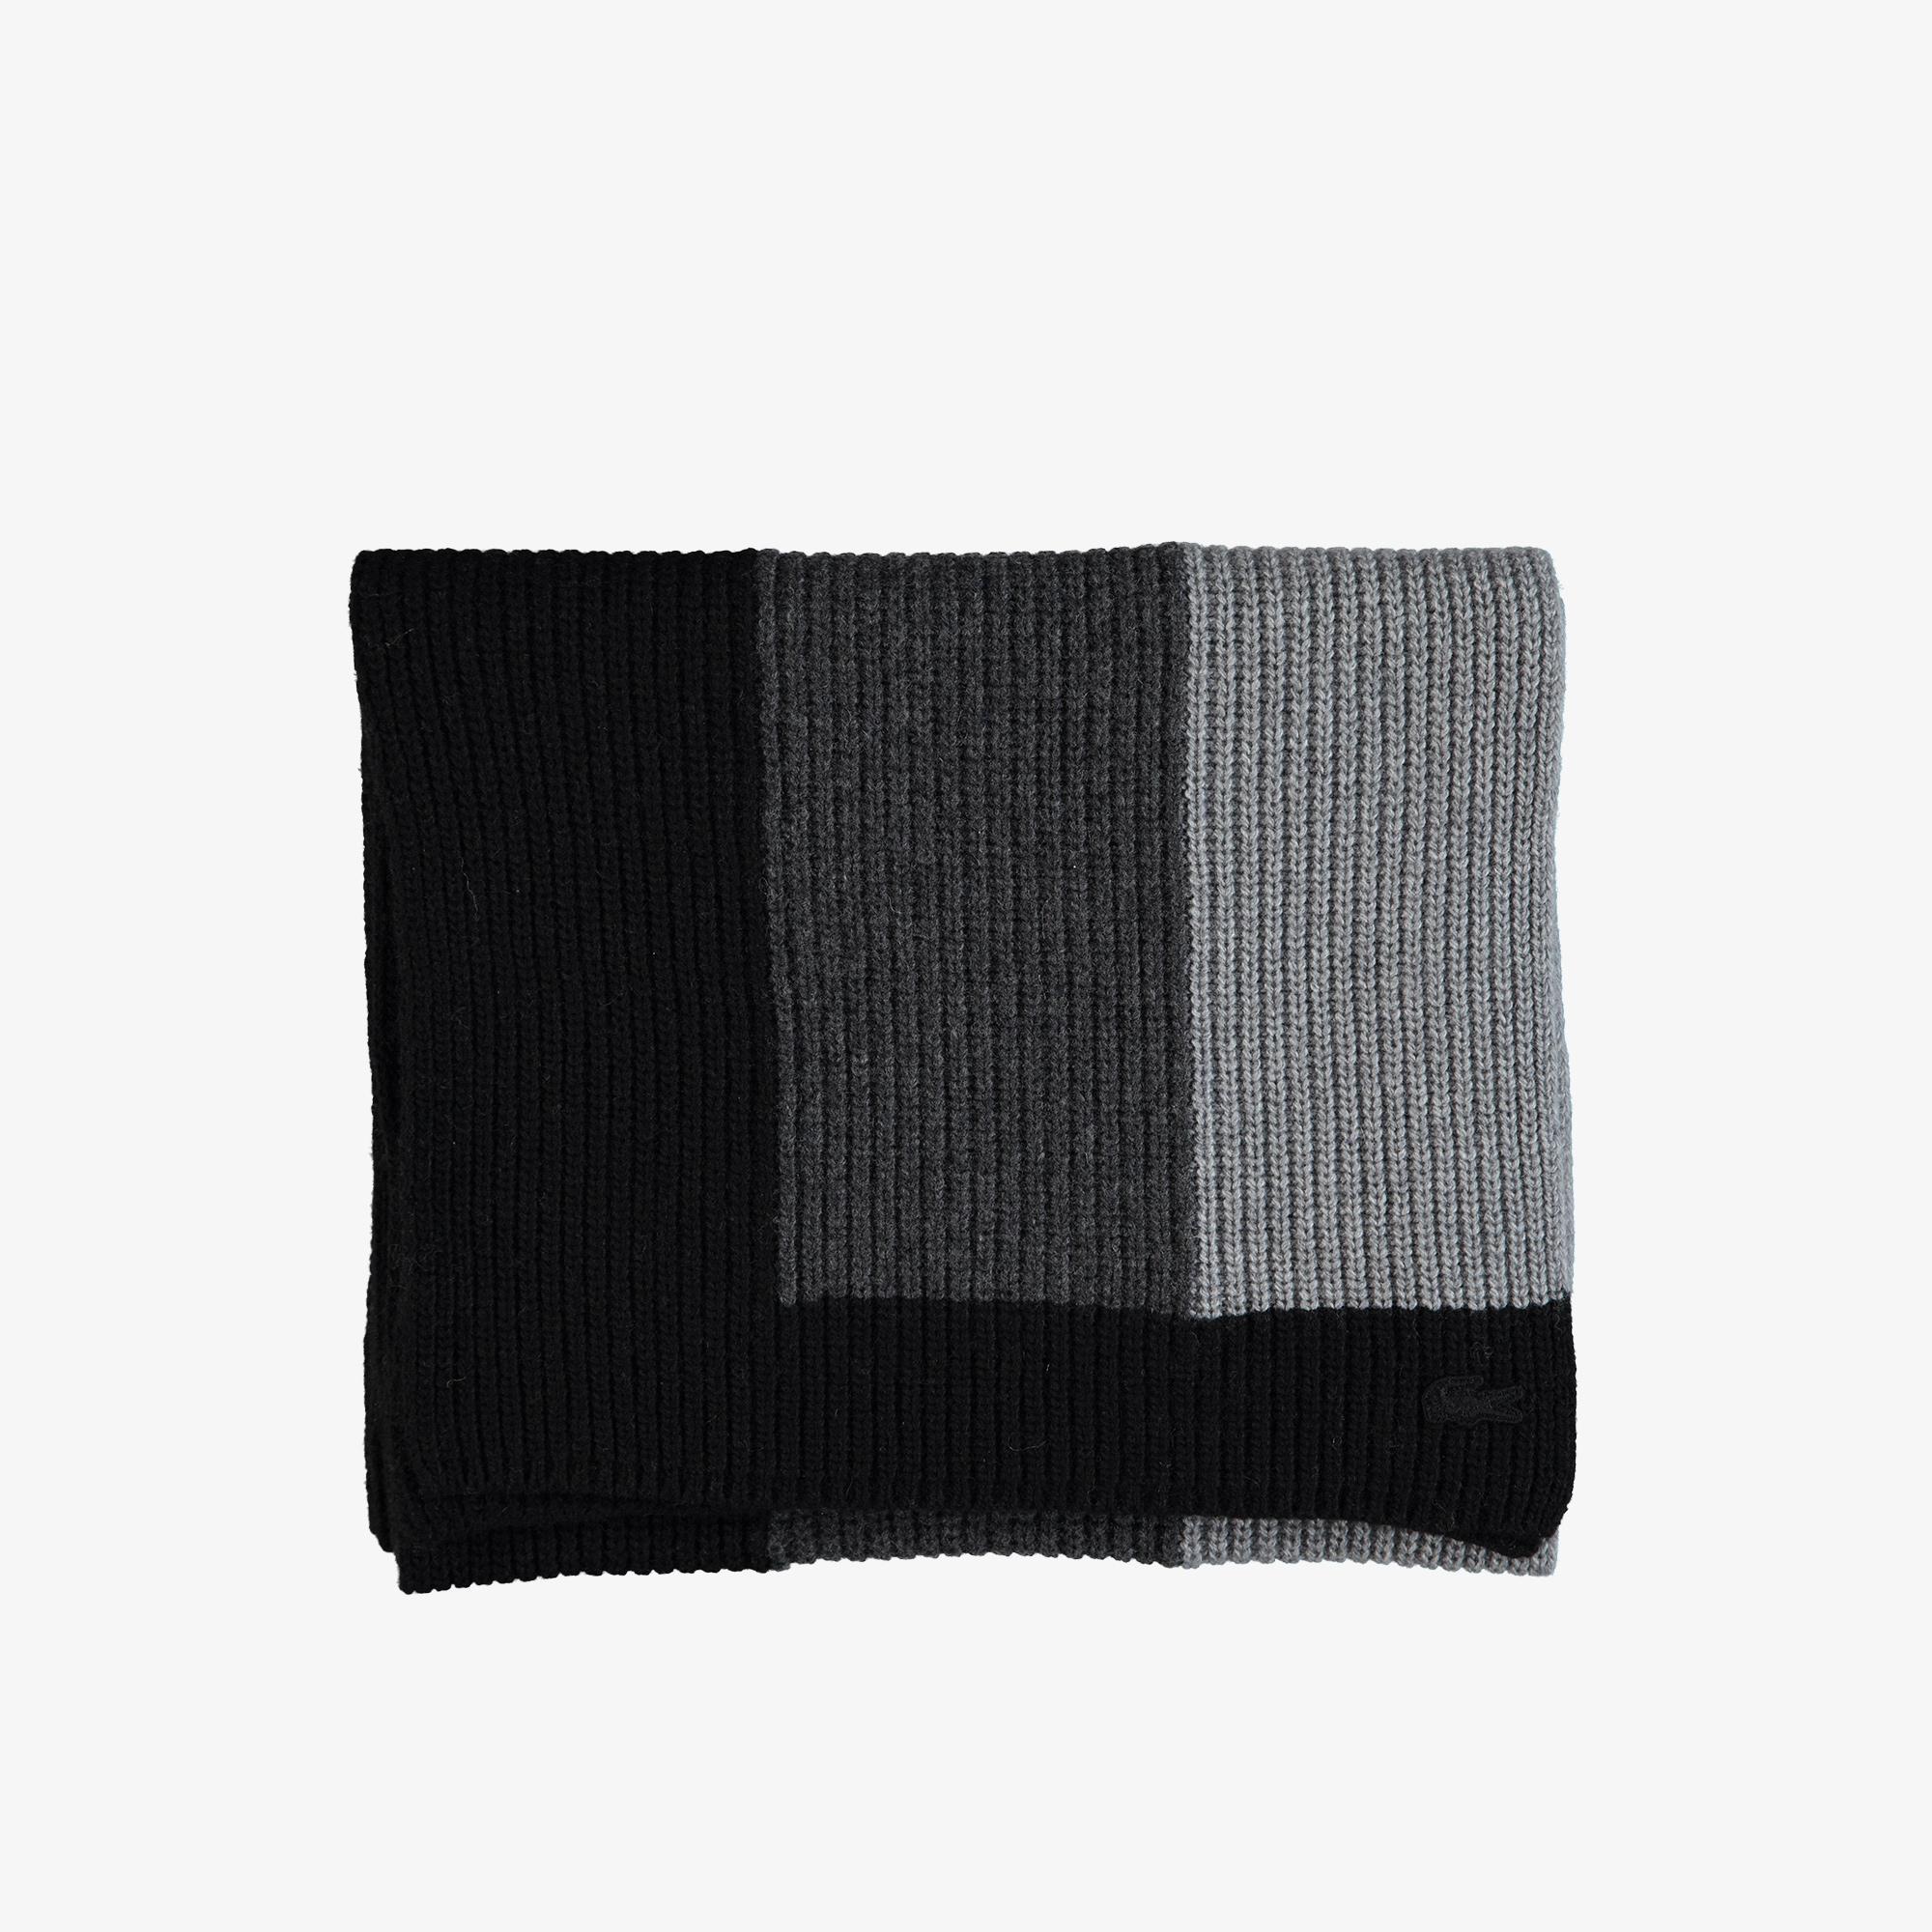 Lacoste Unisex Blok Desenli Siyah Atkı